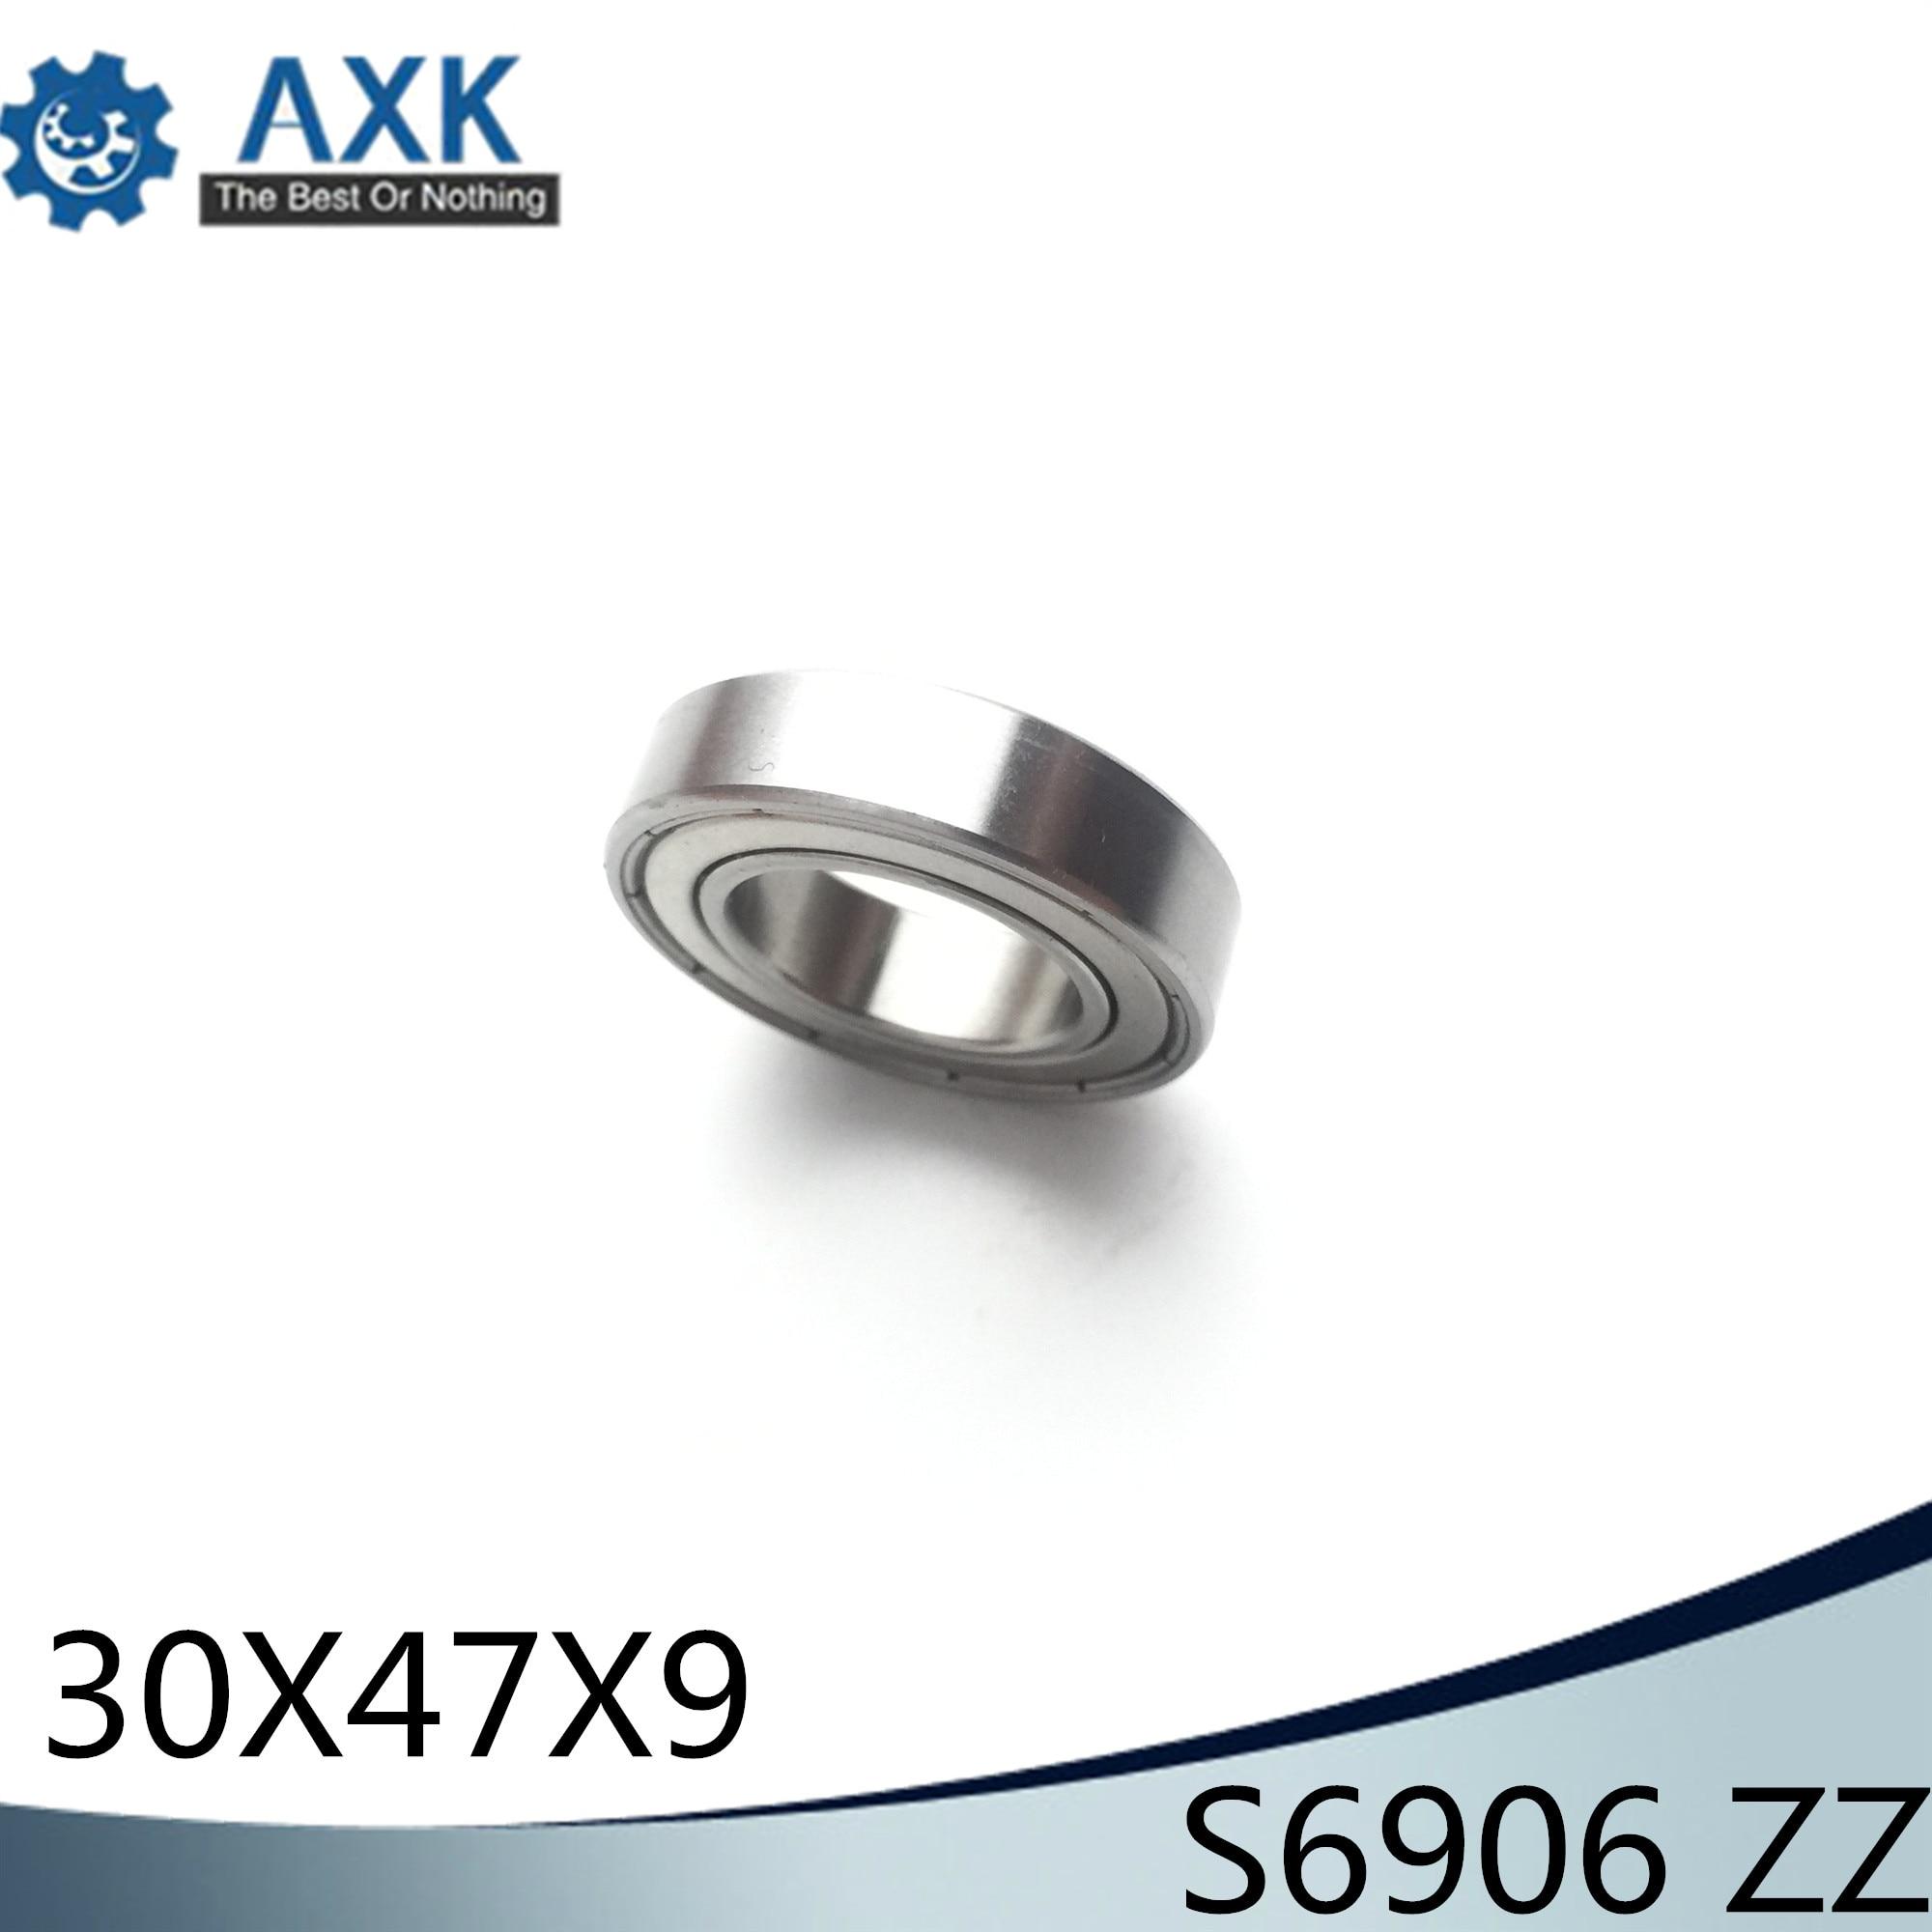 10 Bearing 3x6 mm Stainless ABEC-3 Metric Ball Bearings